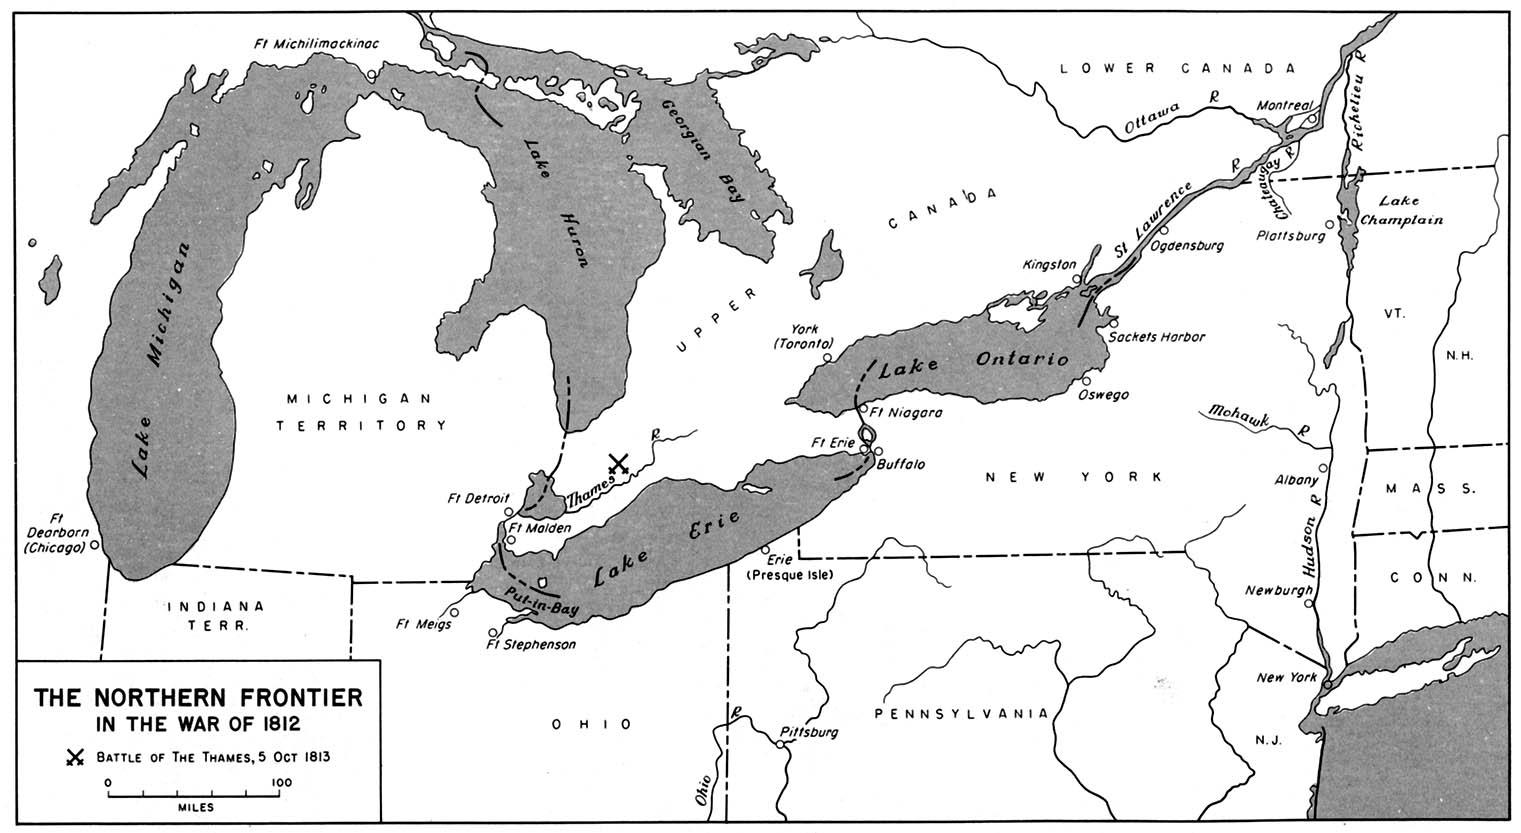 Mapa de la Frontera Norte en la Guerra Anglo-Estadounidense de 1812